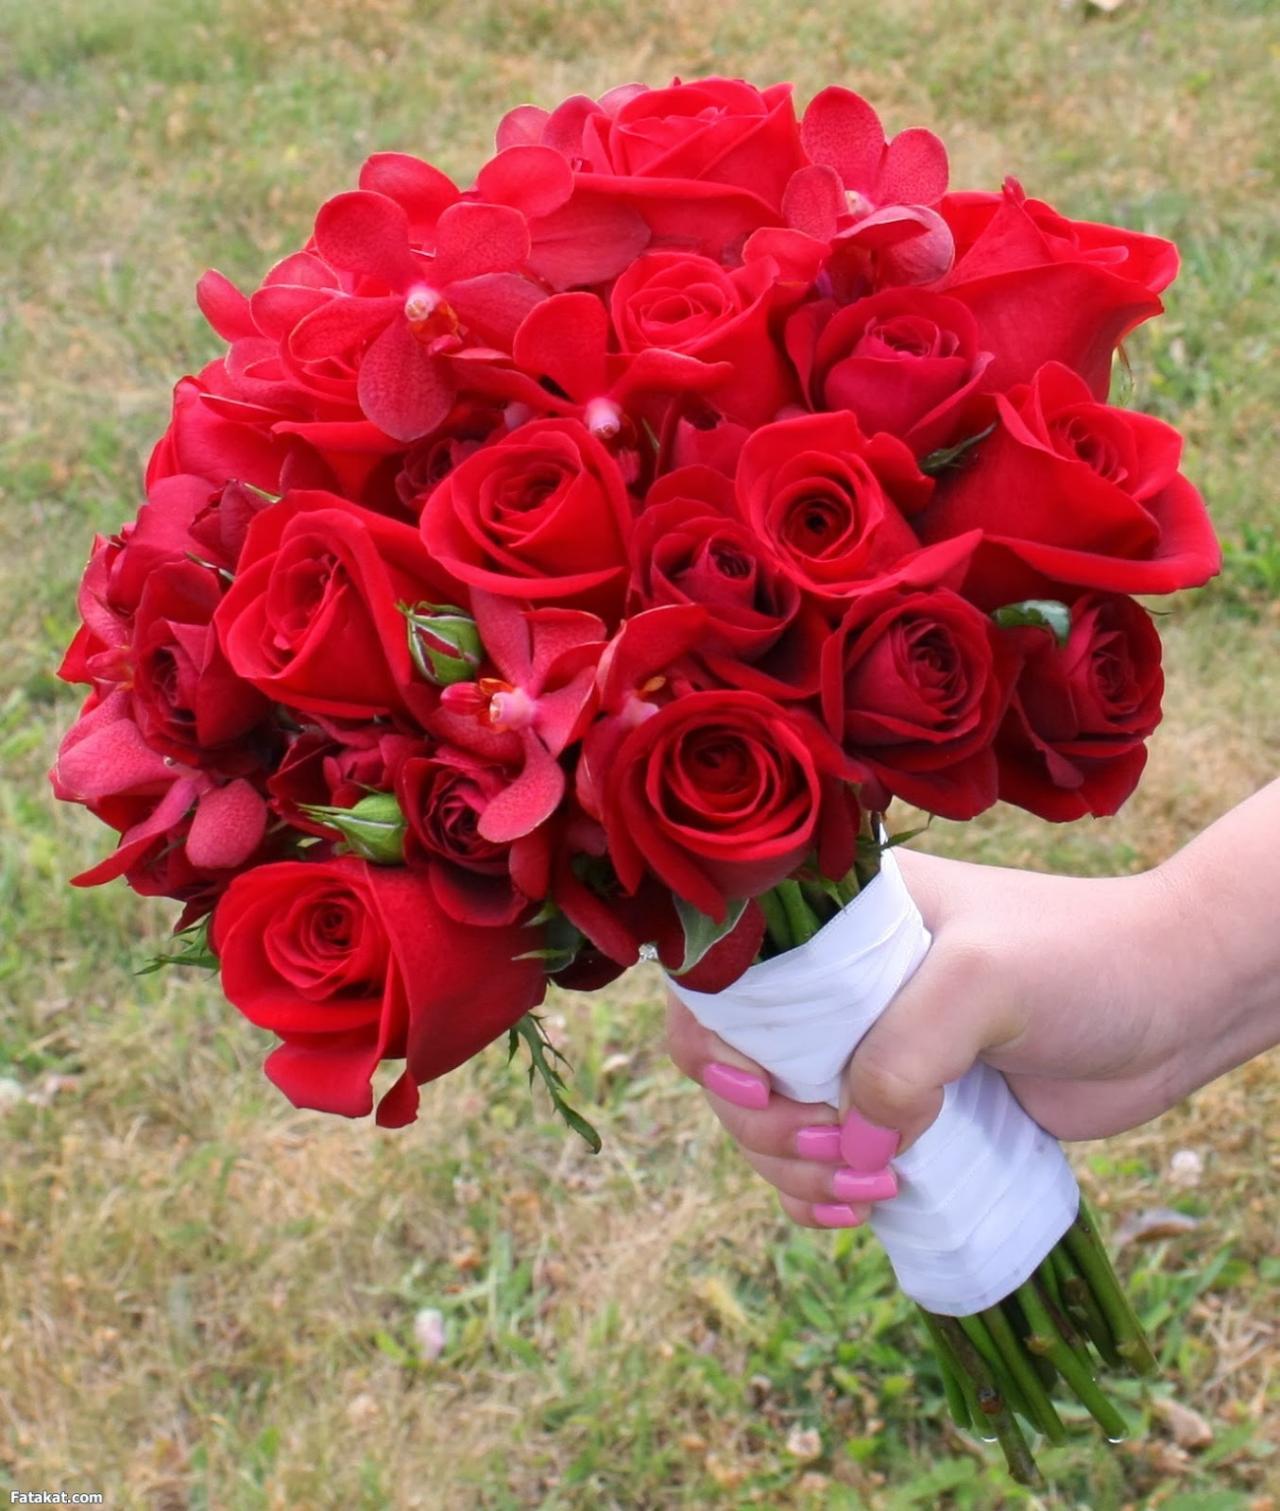 صور الوردة الحلوة 6